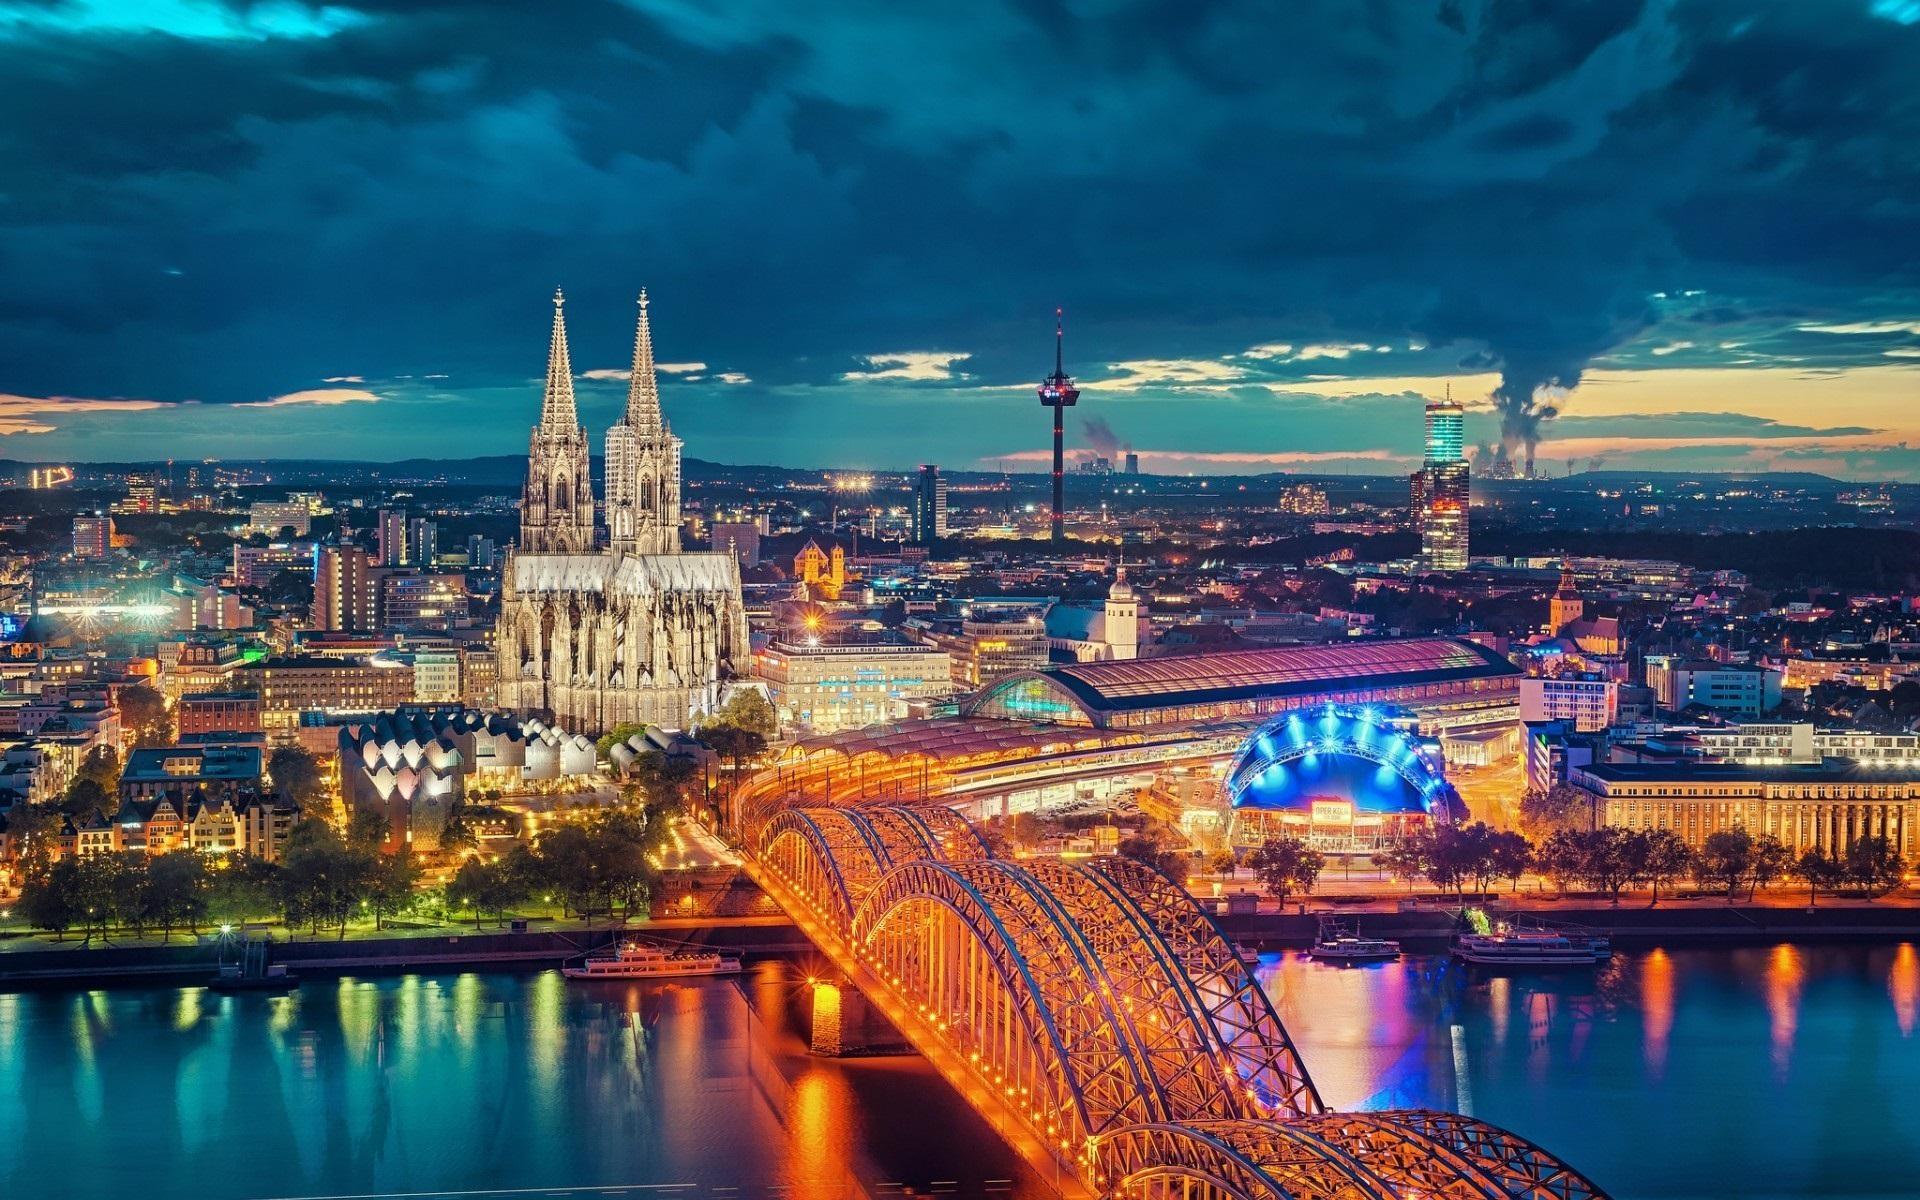 اكتشف هامبورغ إحدى أجمل المدن الساحلية الألمانية